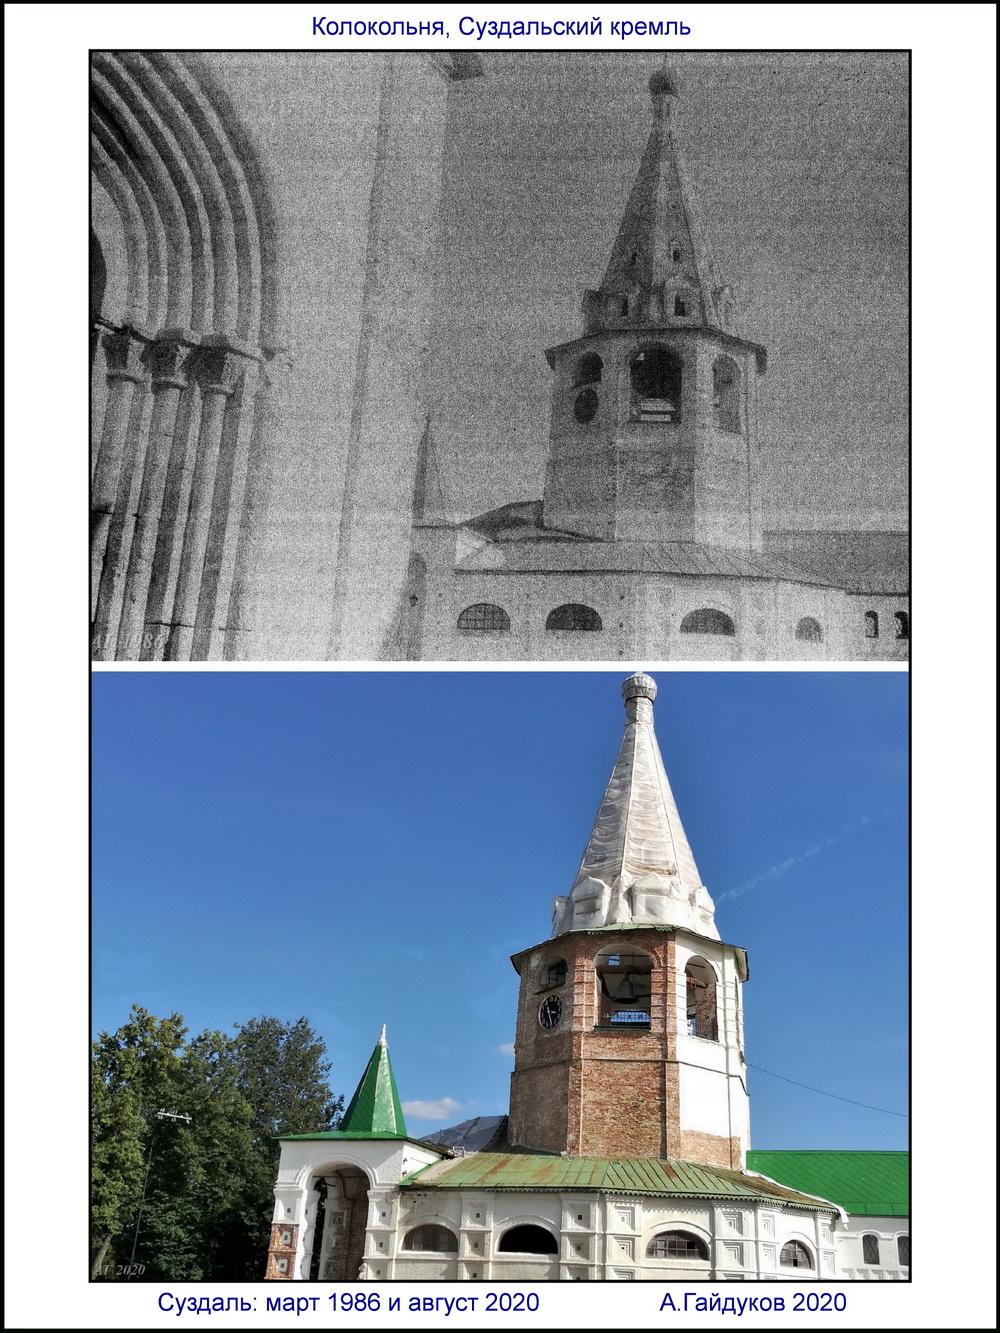 Два взгляда на Суздаль с перерывом в треть века 1986 и 2020  Колокольня Суздальского кремля